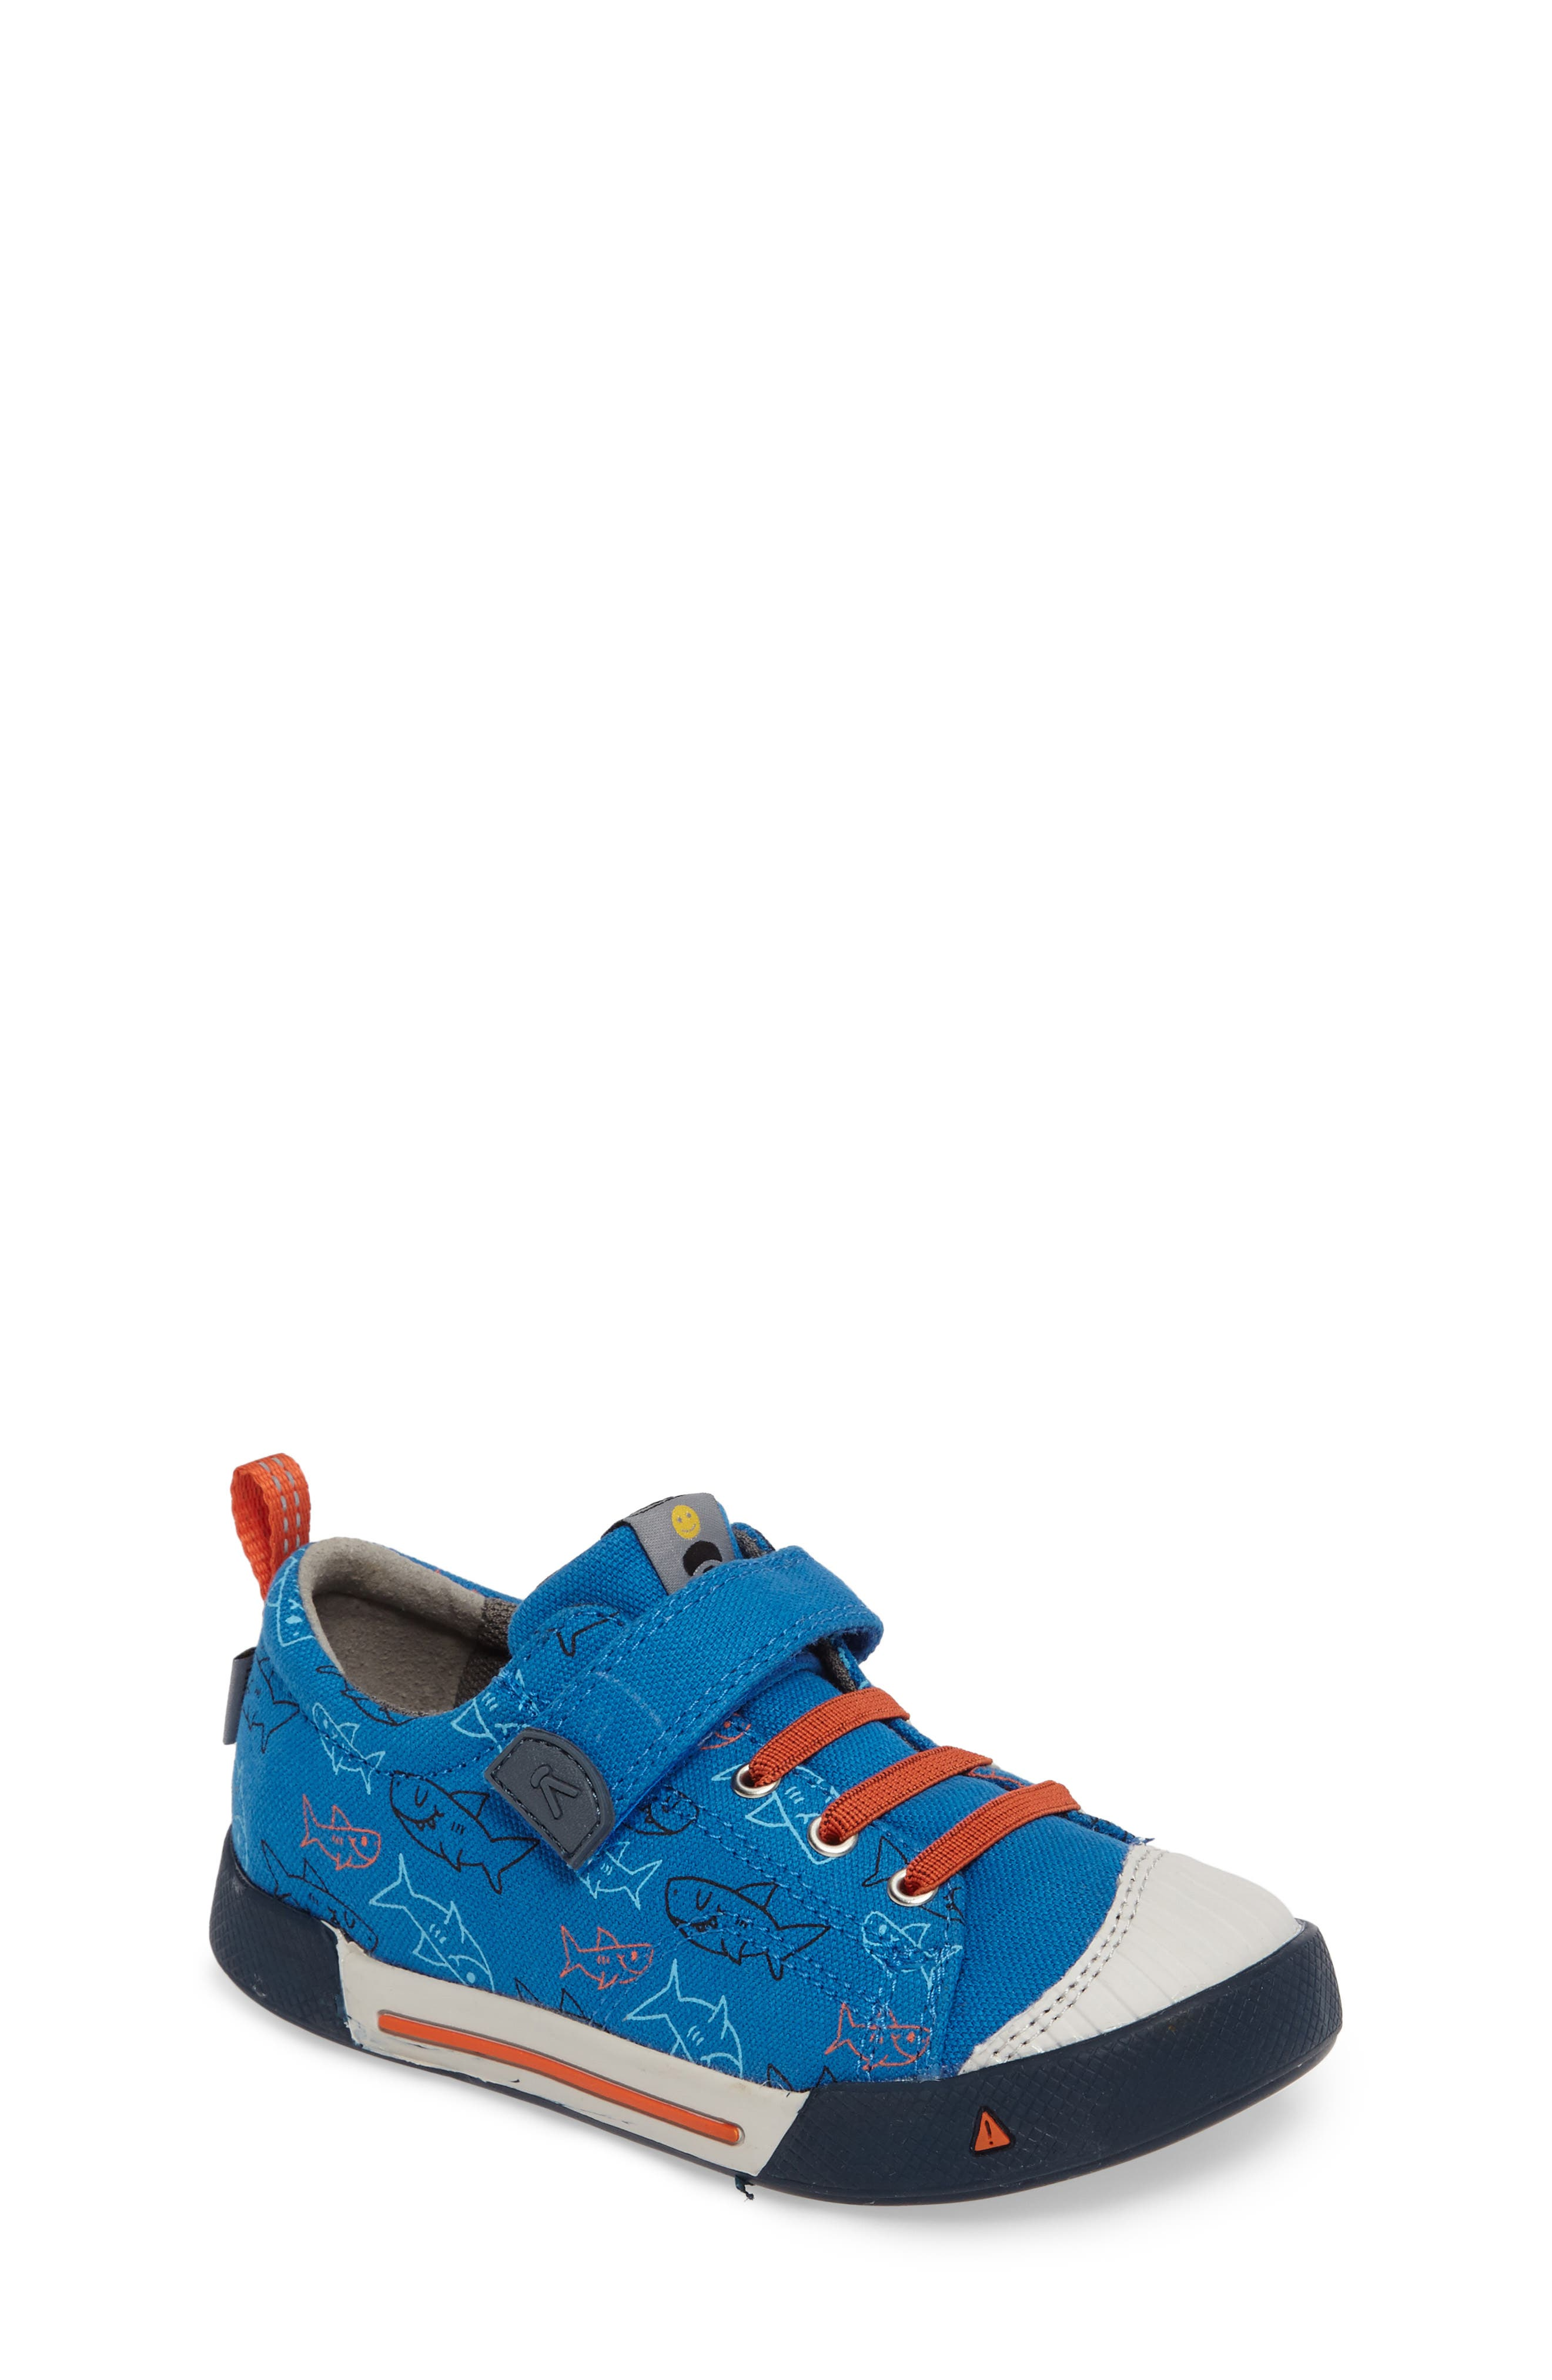 Encanto Finley Sneaker,                         Main,                         color, 402